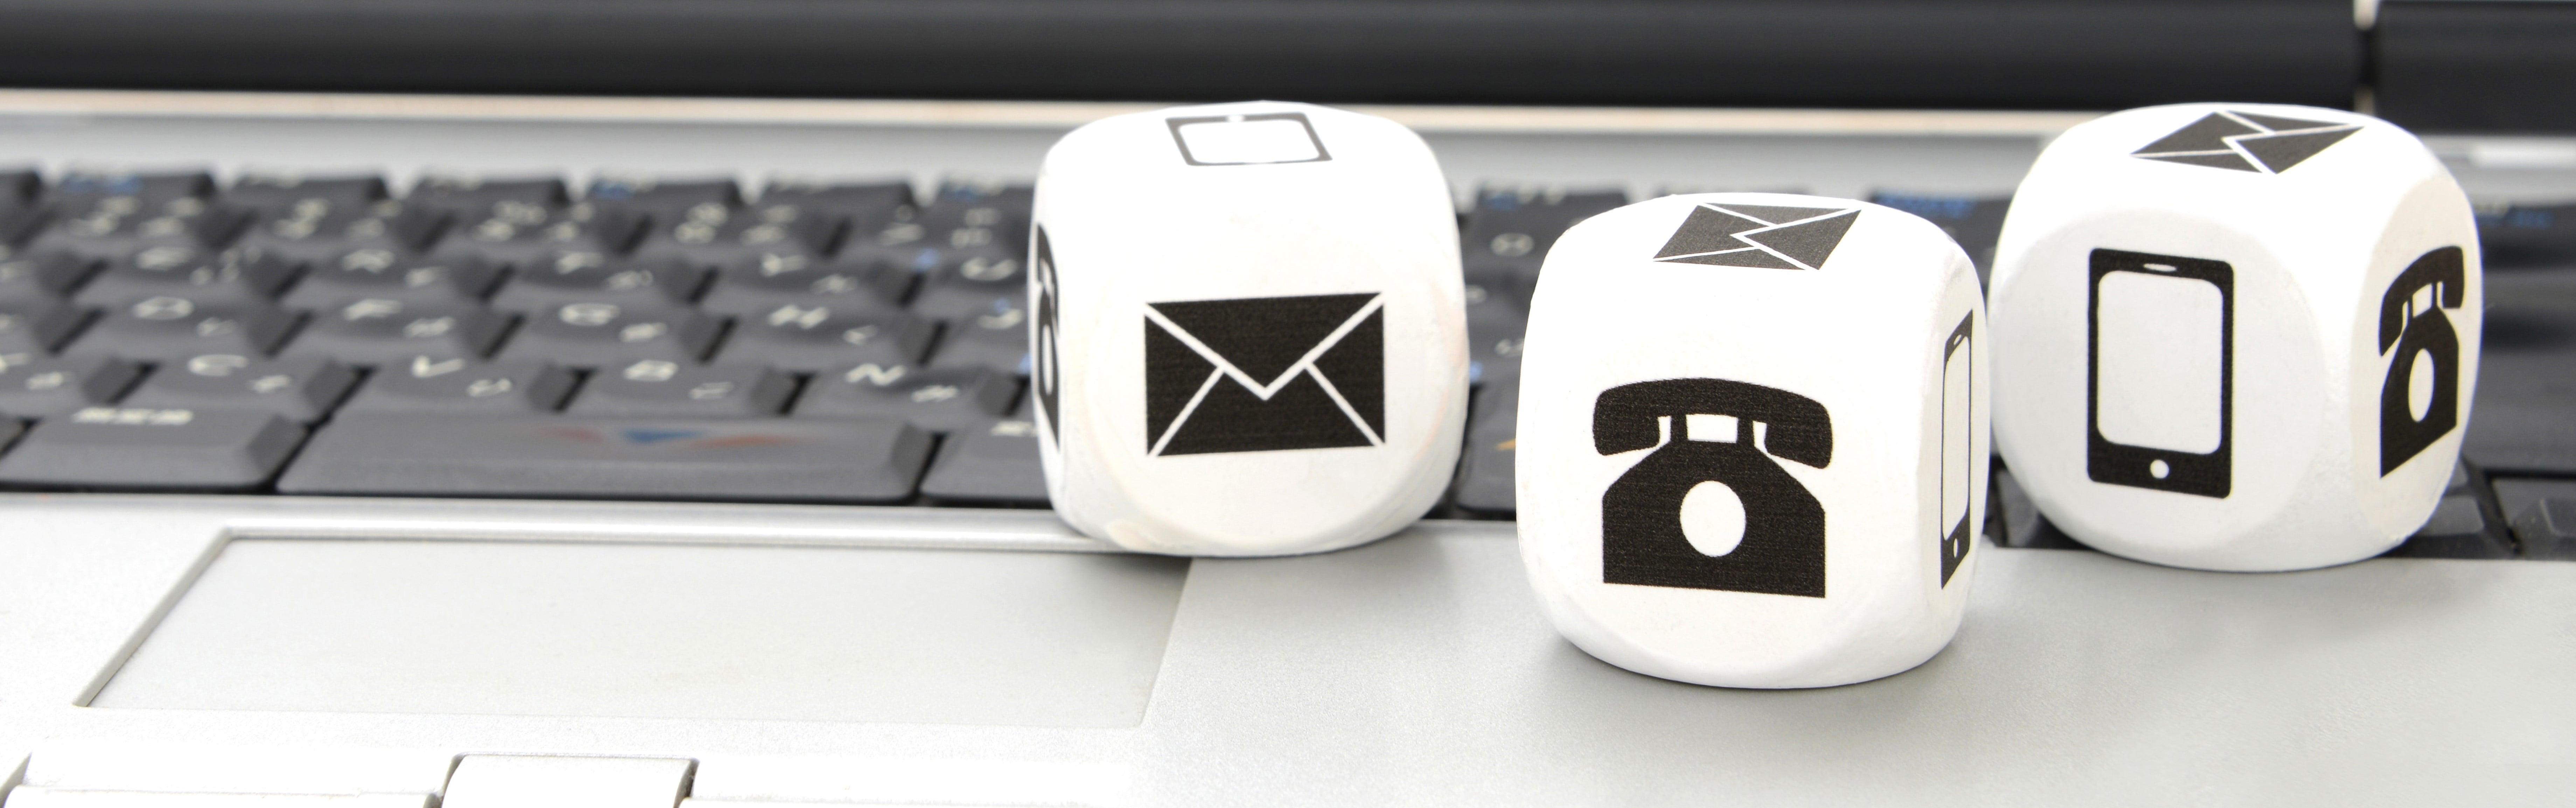 Die Zukunft der Telefonie – VoIP